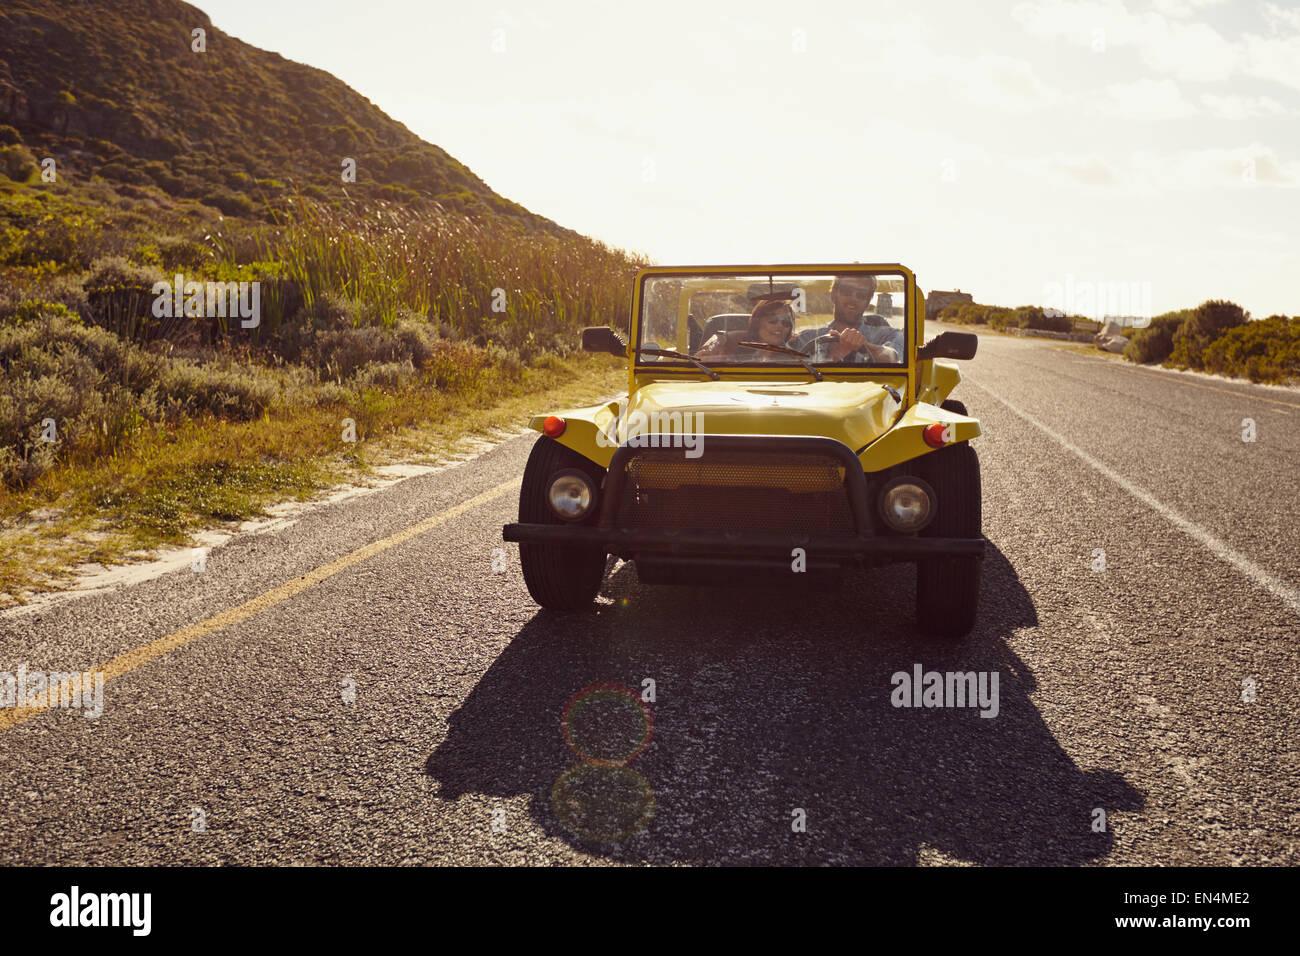 Pareja joven conduciendo un coche en una carretera abierta. Pareja joven en viaje por carretera en verano. Imagen De Stock